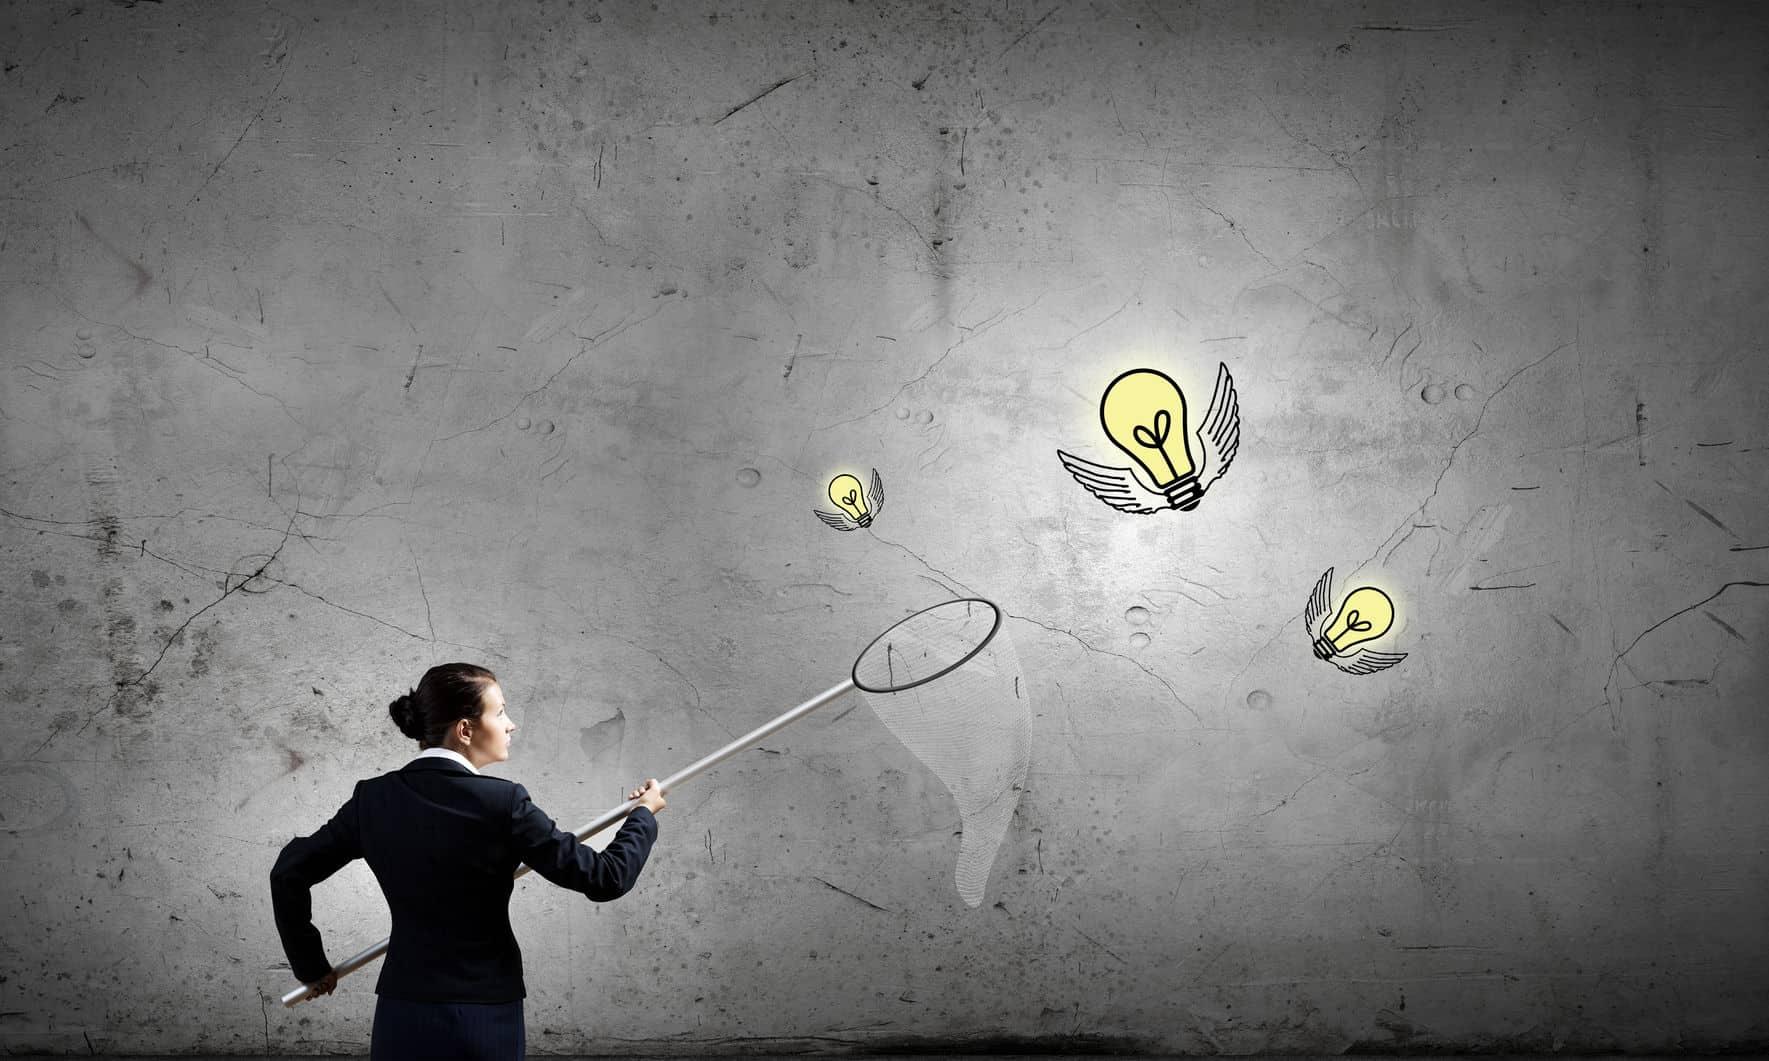 Tai unikalūs mokymai, kuriuose investuotojas-profesionalas sutiko perteikti savo žinias ir įgūdžius apie investavimo būdą remiantis intuicija. 5 metus domėjęsis kaip veikia žmogaus smegenys, integravo psichologines žinias į investavimo procesą ir teigia, kad intuiciją galima įvaldyti ir ja sėkmingai naudotis. Per savaitgalį įgysite ne tik teorinių žinių, bet ir įgūdžių, kuriais galėsite vadovautis ir auginti intuiciją visą likusį gyvenimą.